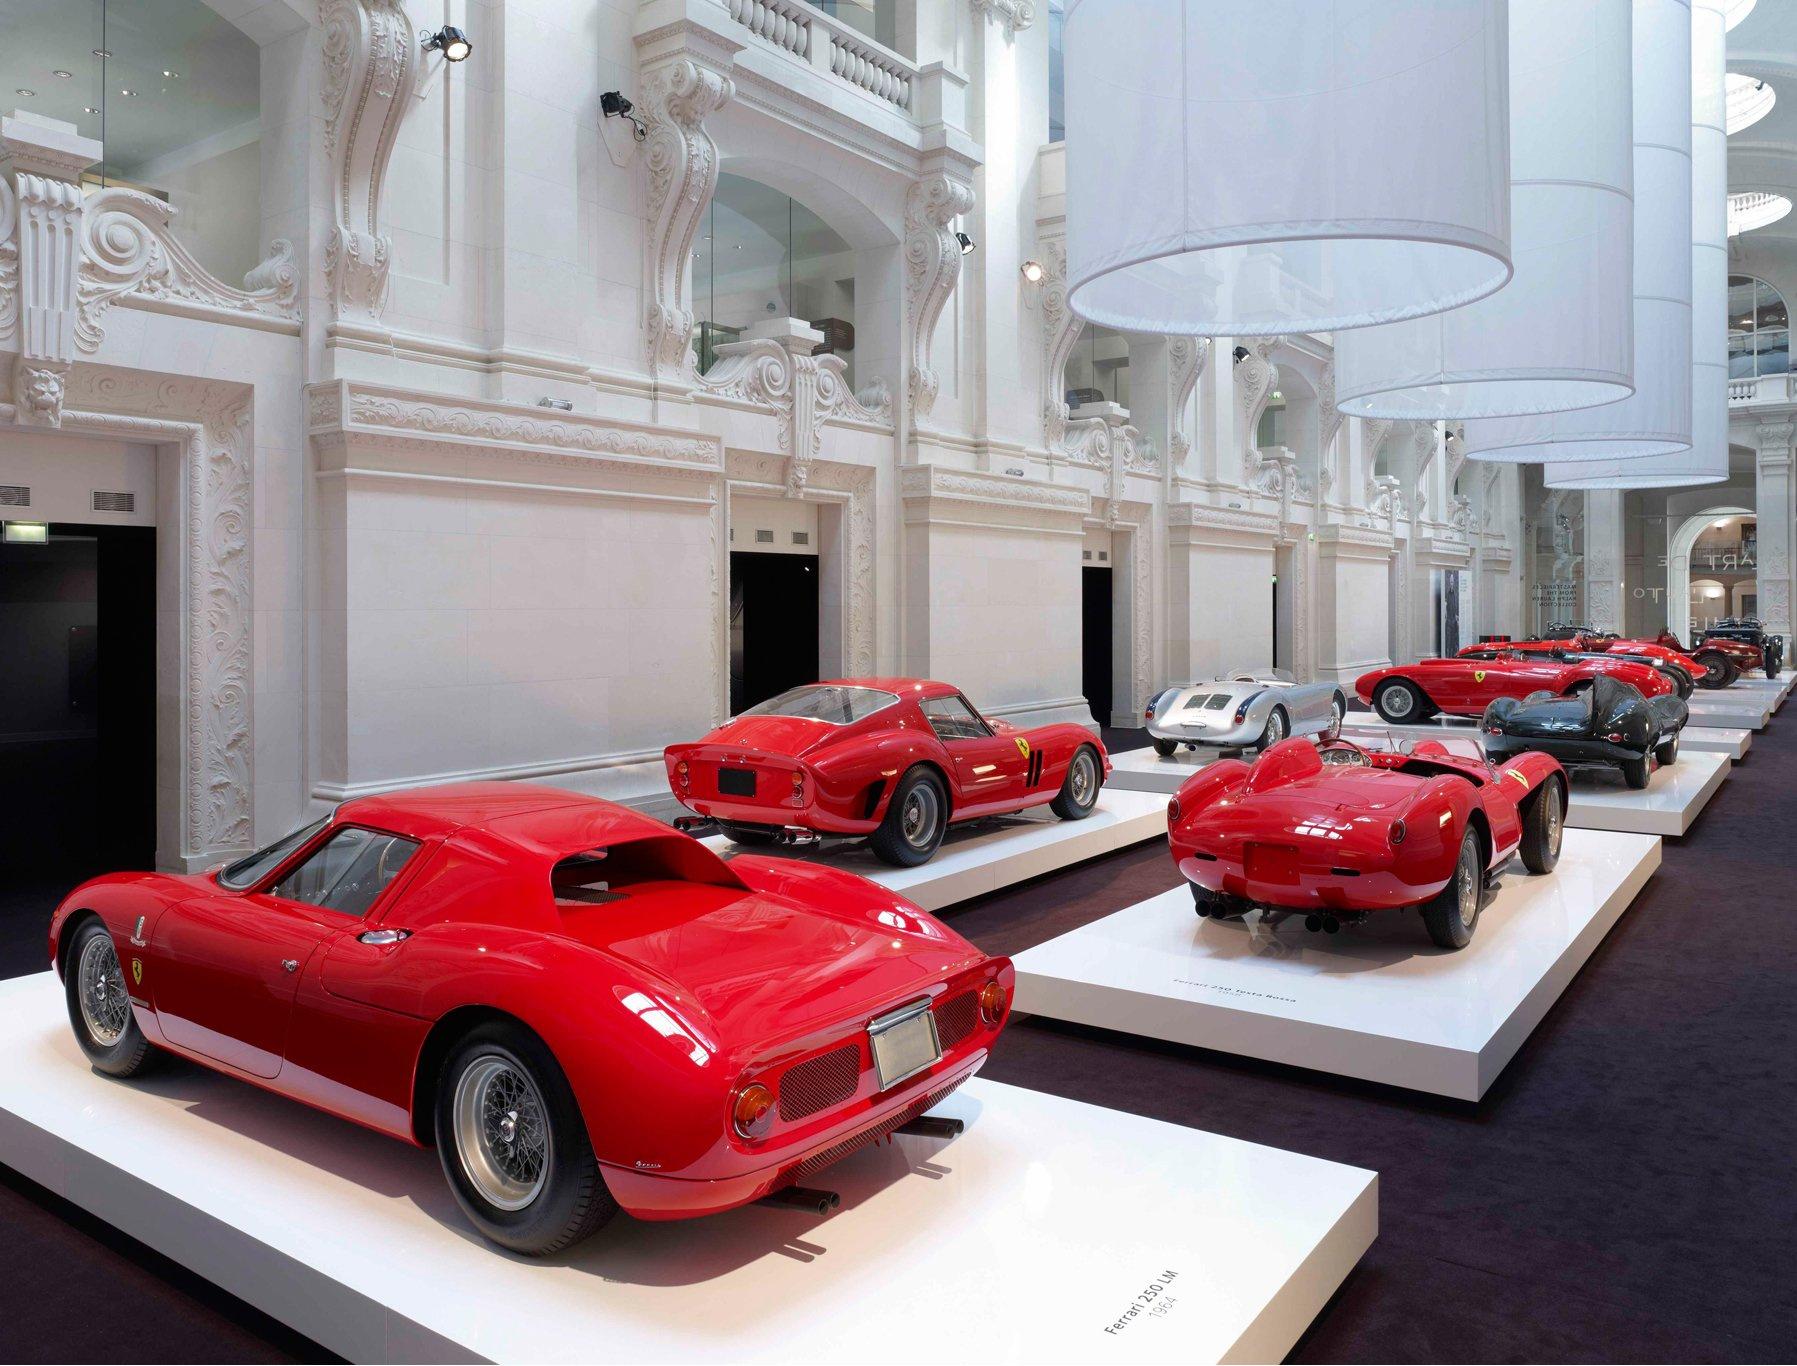 Paris Exhibits Ralph Lauren Car Collection | superyachts.com